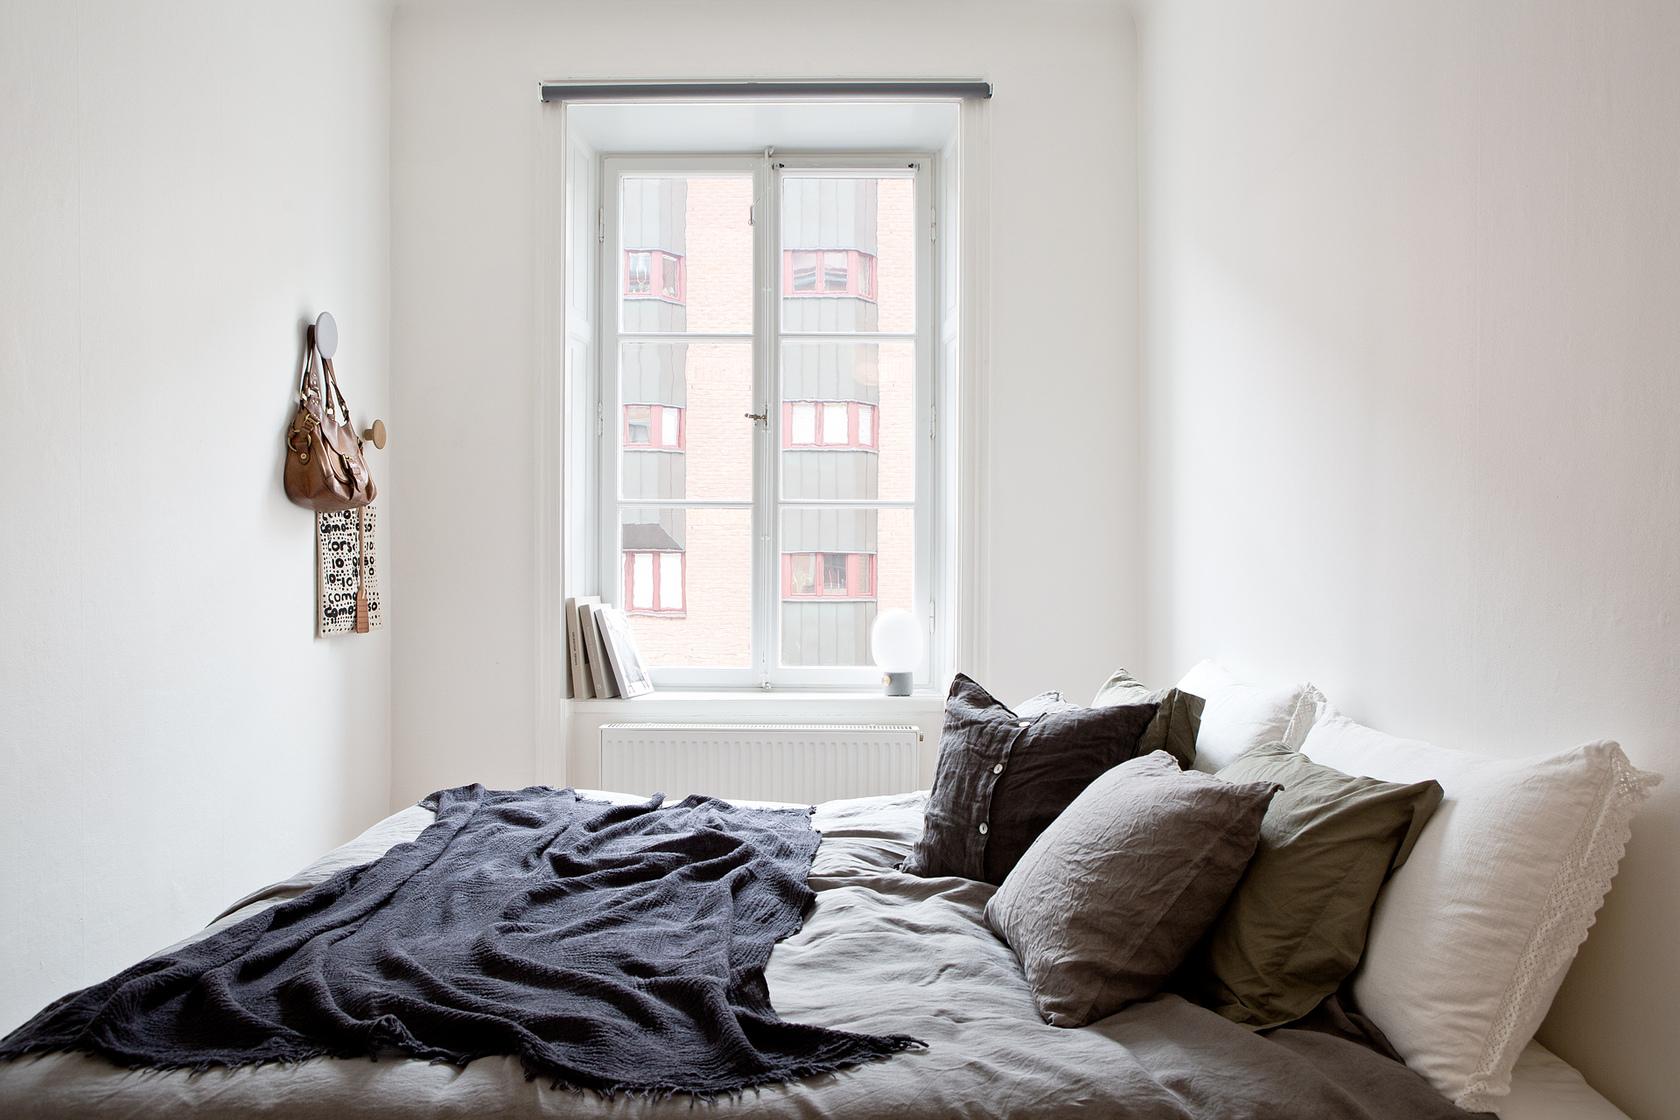 简约 三居 小资 白领 新房装修 婚房 90后 北欧风格 装修案例 卧室图片来自成都图美家装饰在简约北欧风格装修案例的分享